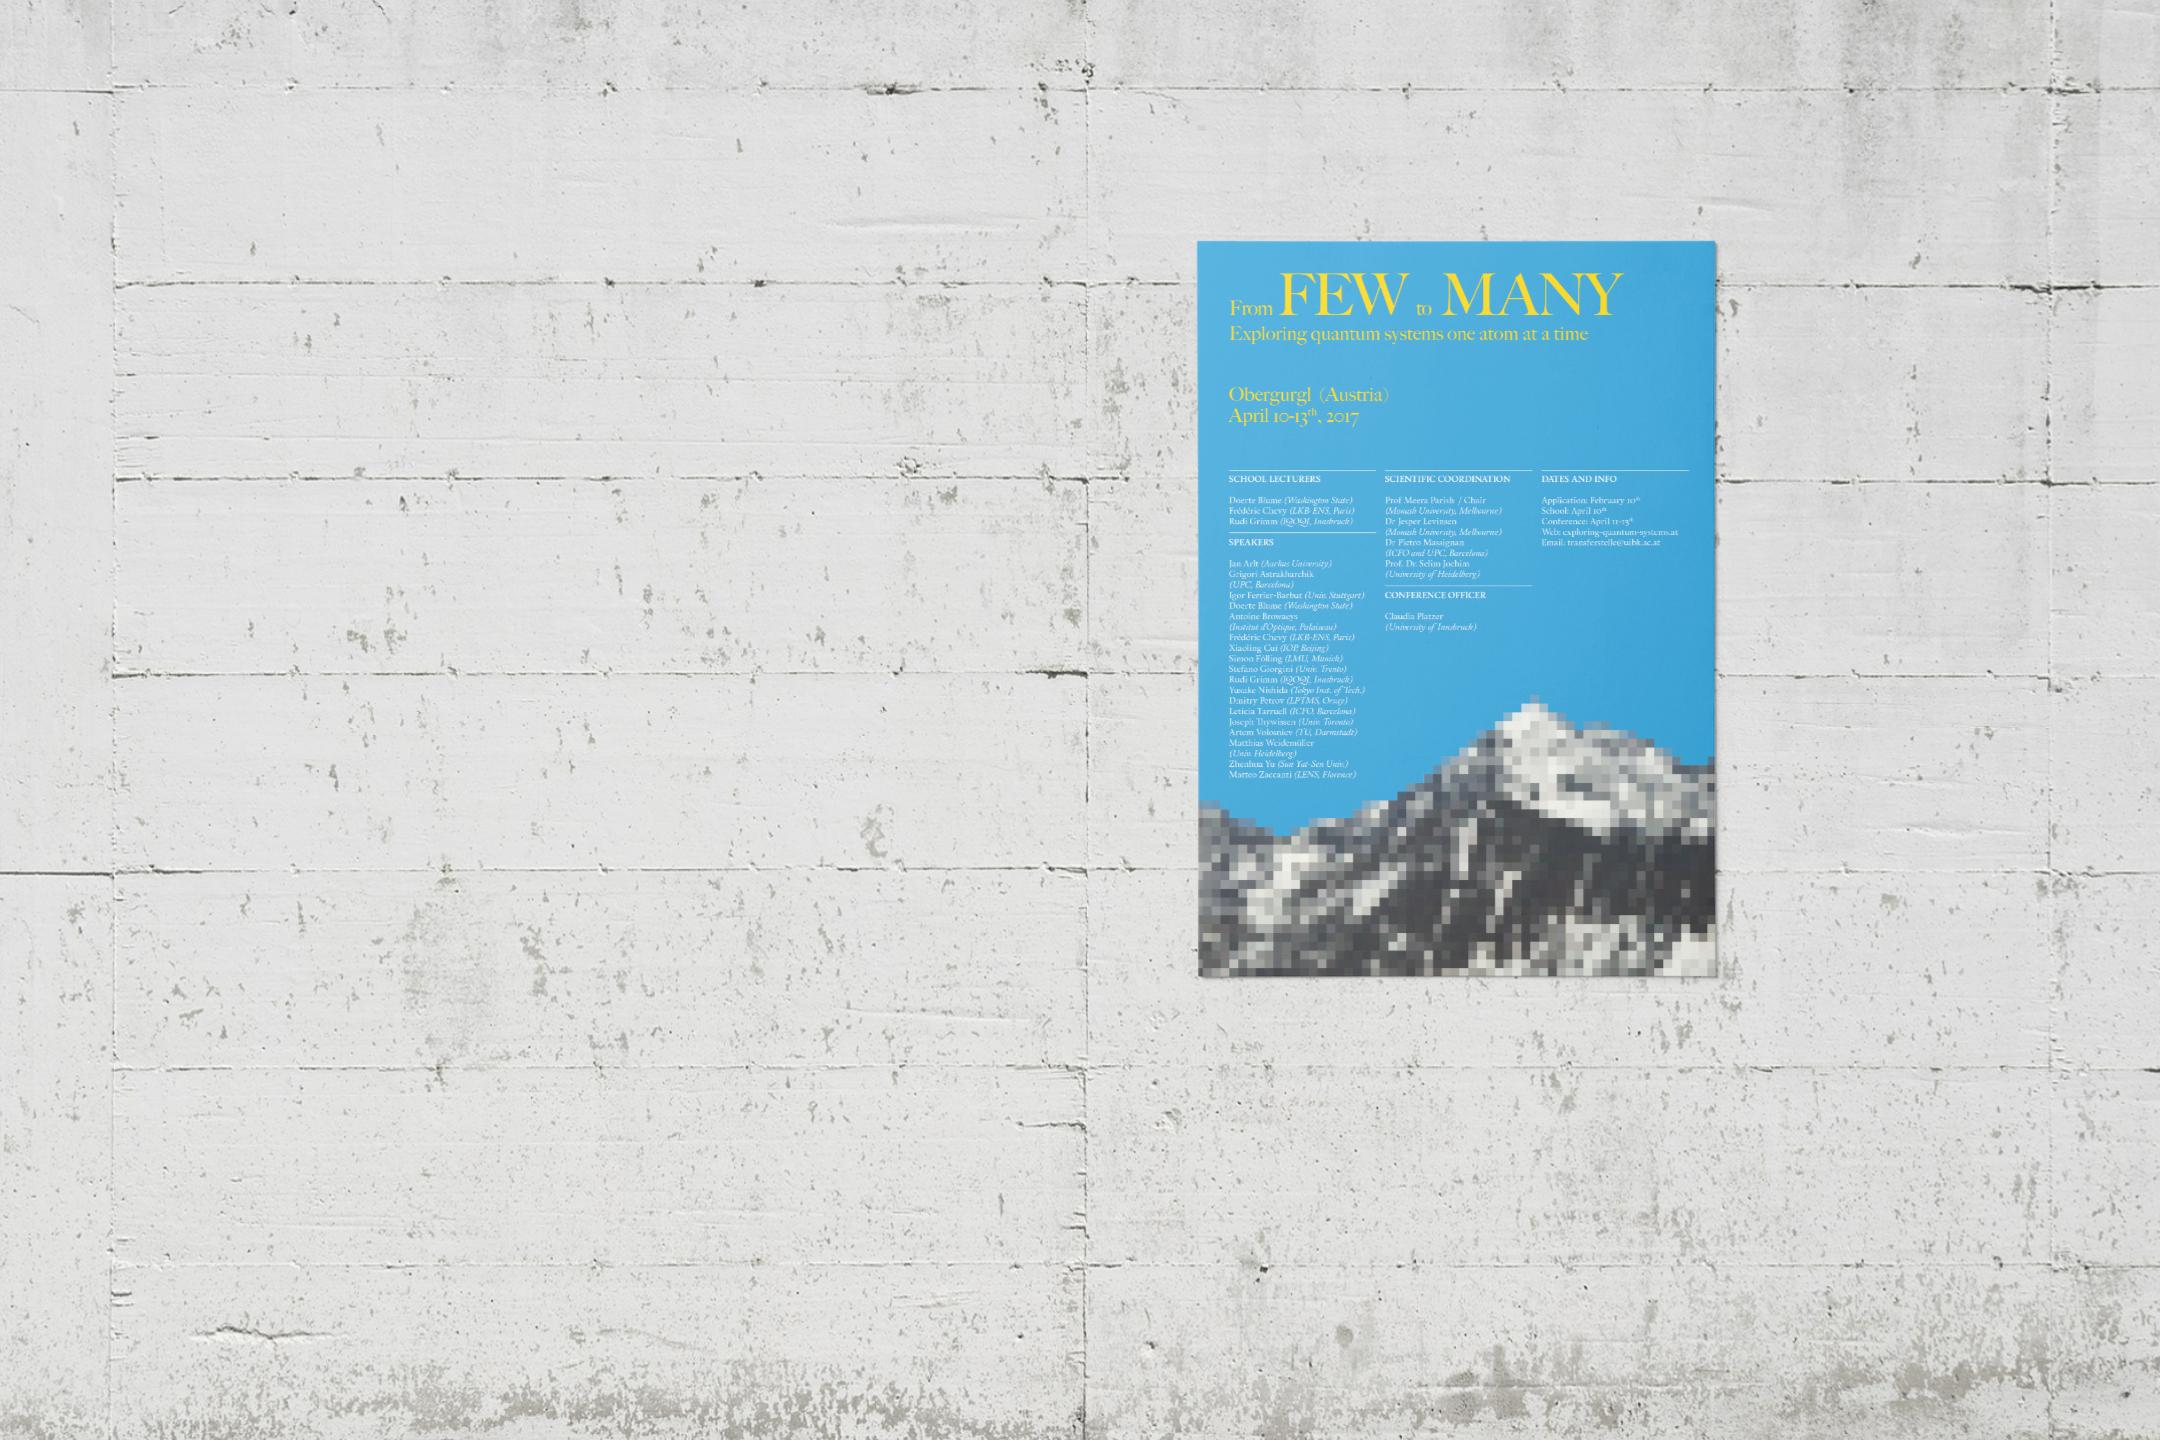 Poster-From-few-foto-wall-danielcavalcanti.com_